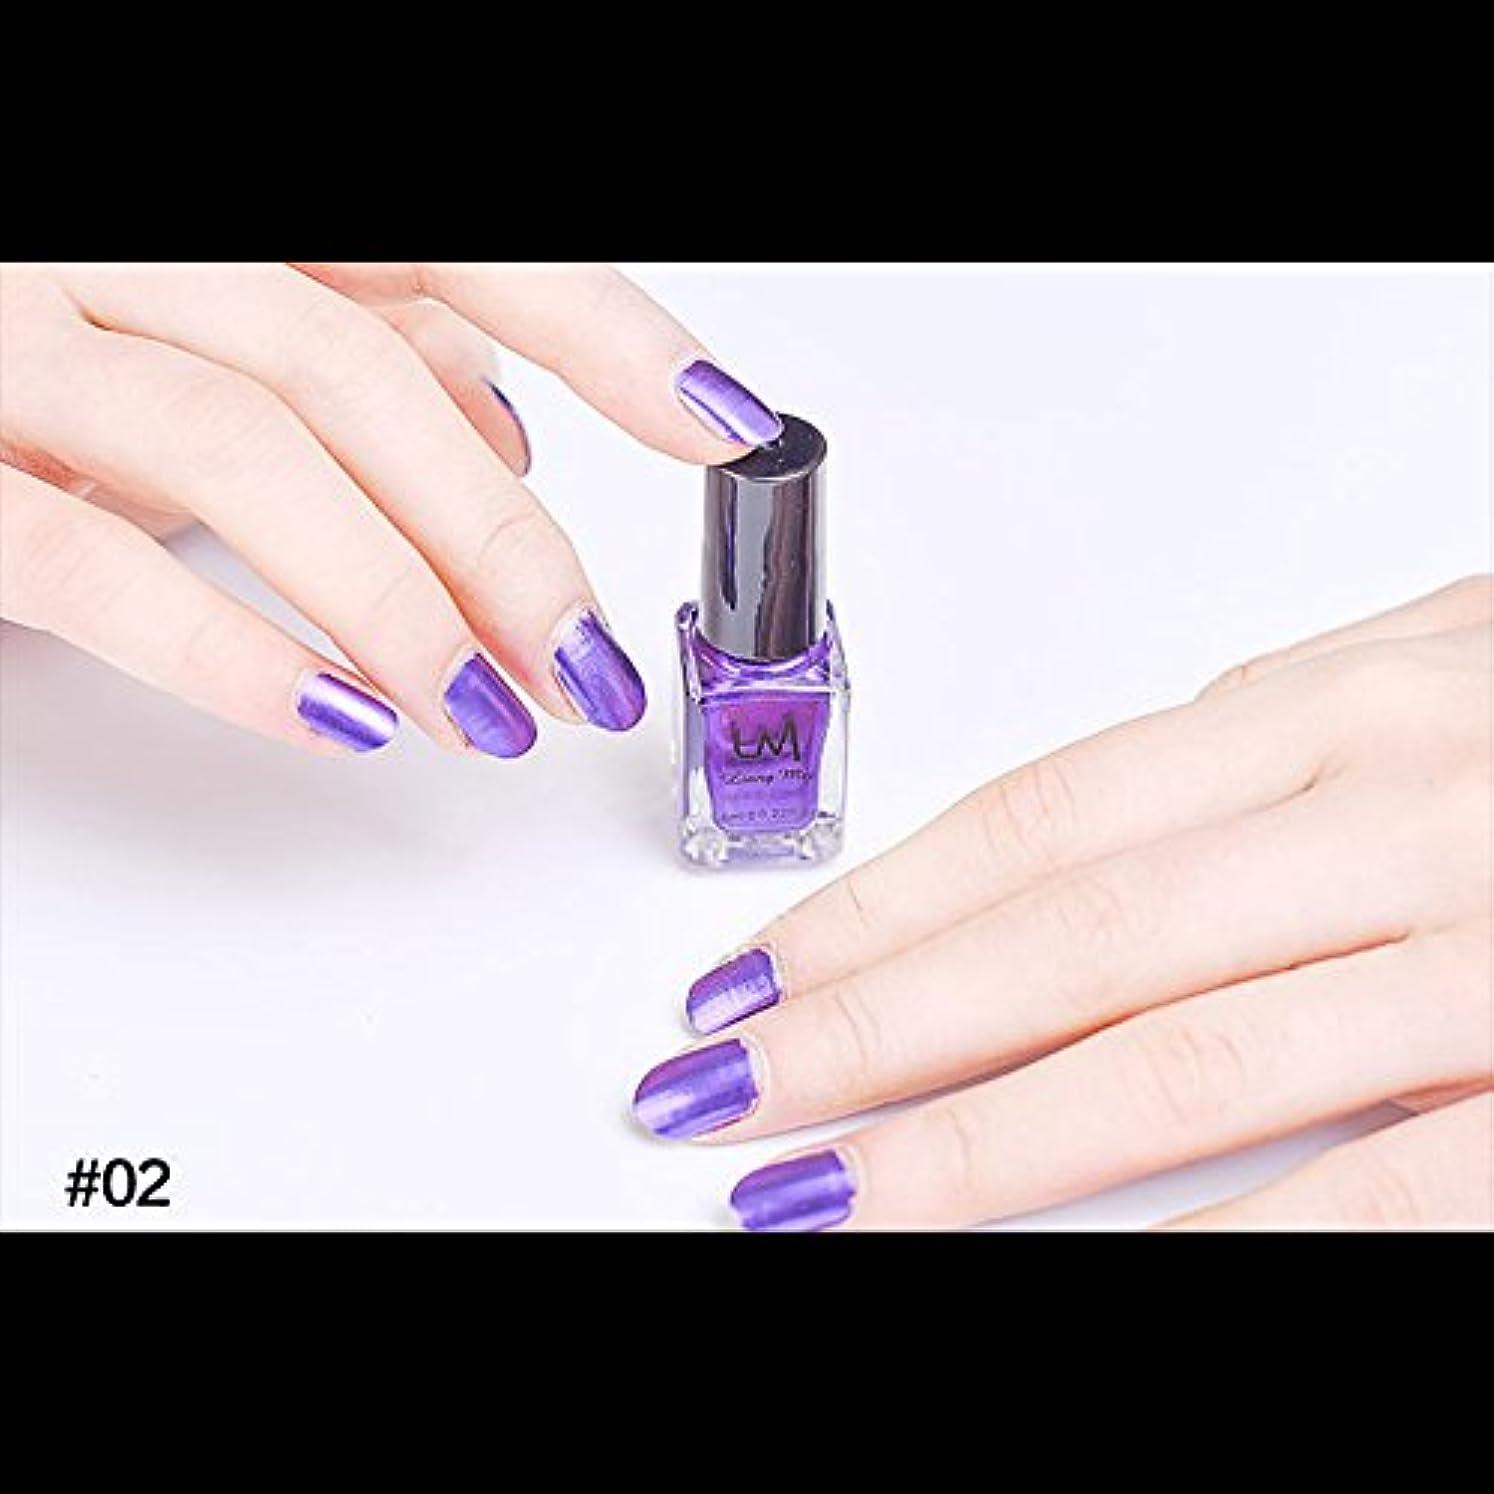 銃うるさい銀河hjuns-Wu マニキュア パール感 1ボトル 6ml ネイルポリッシュ (紫)